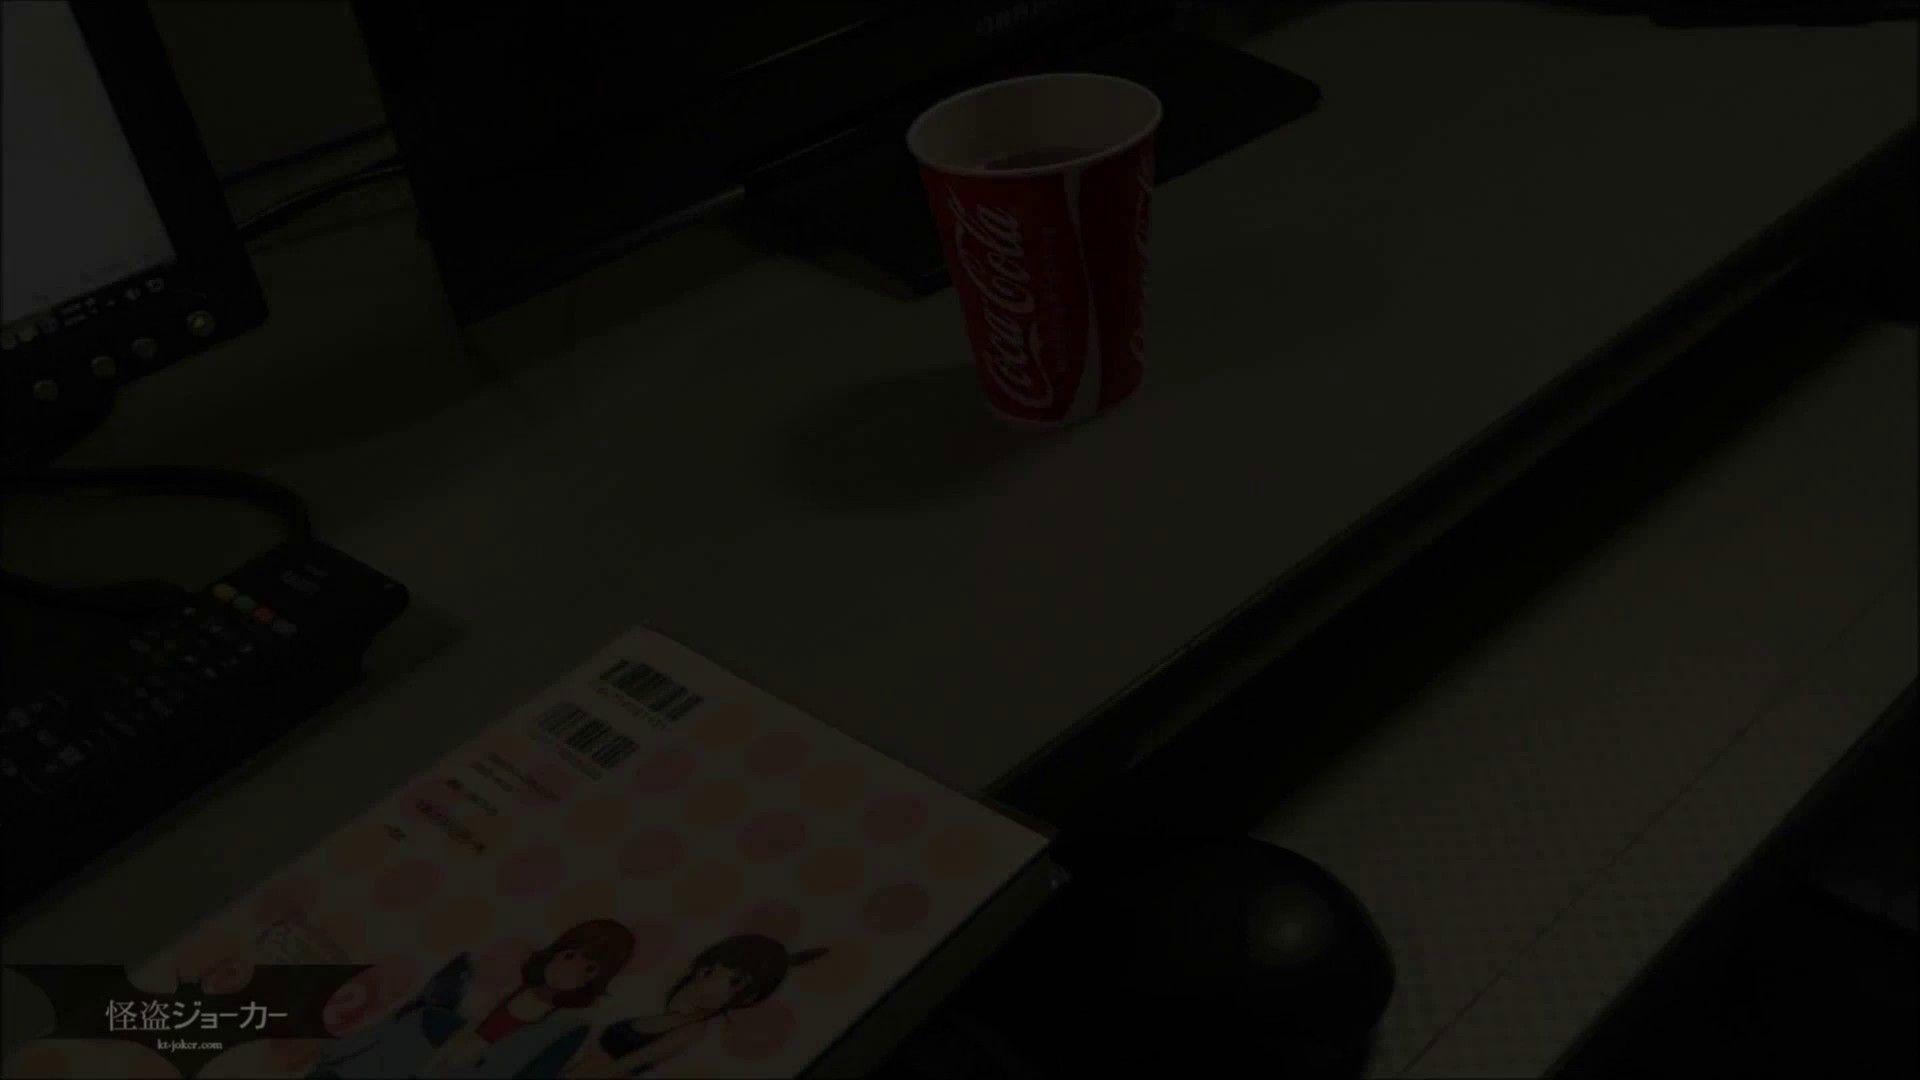 【未公開】vol.100 {5人の無警戒女たち}終電を逃した末路ww いじくり おめこ無修正画像 89画像 86